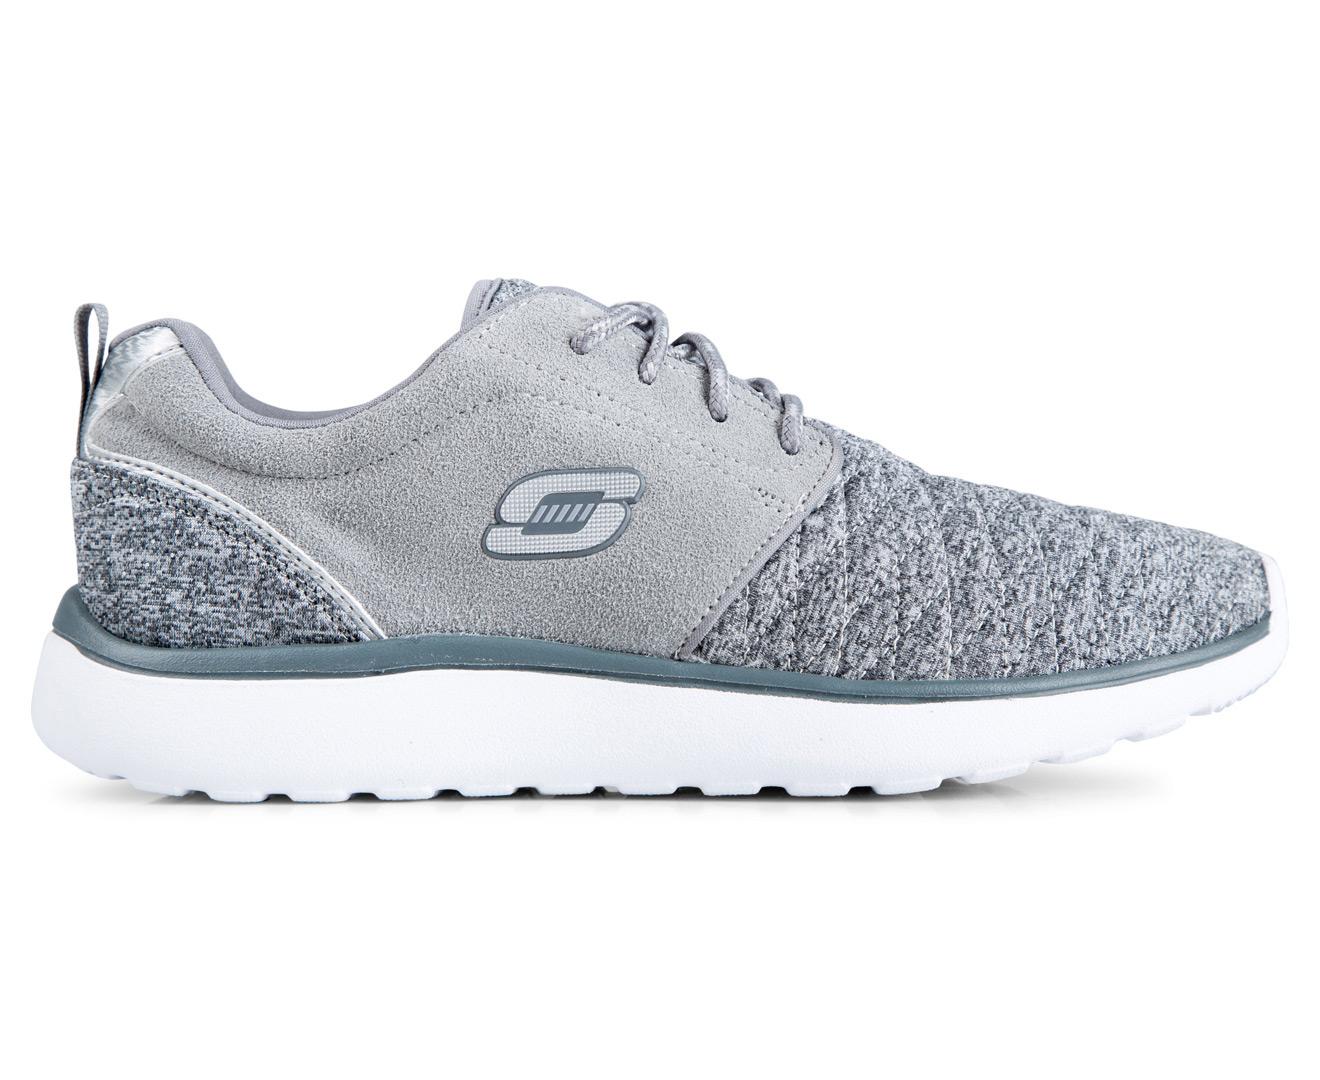 Skechers Counterpart Lightweight Running Shoes